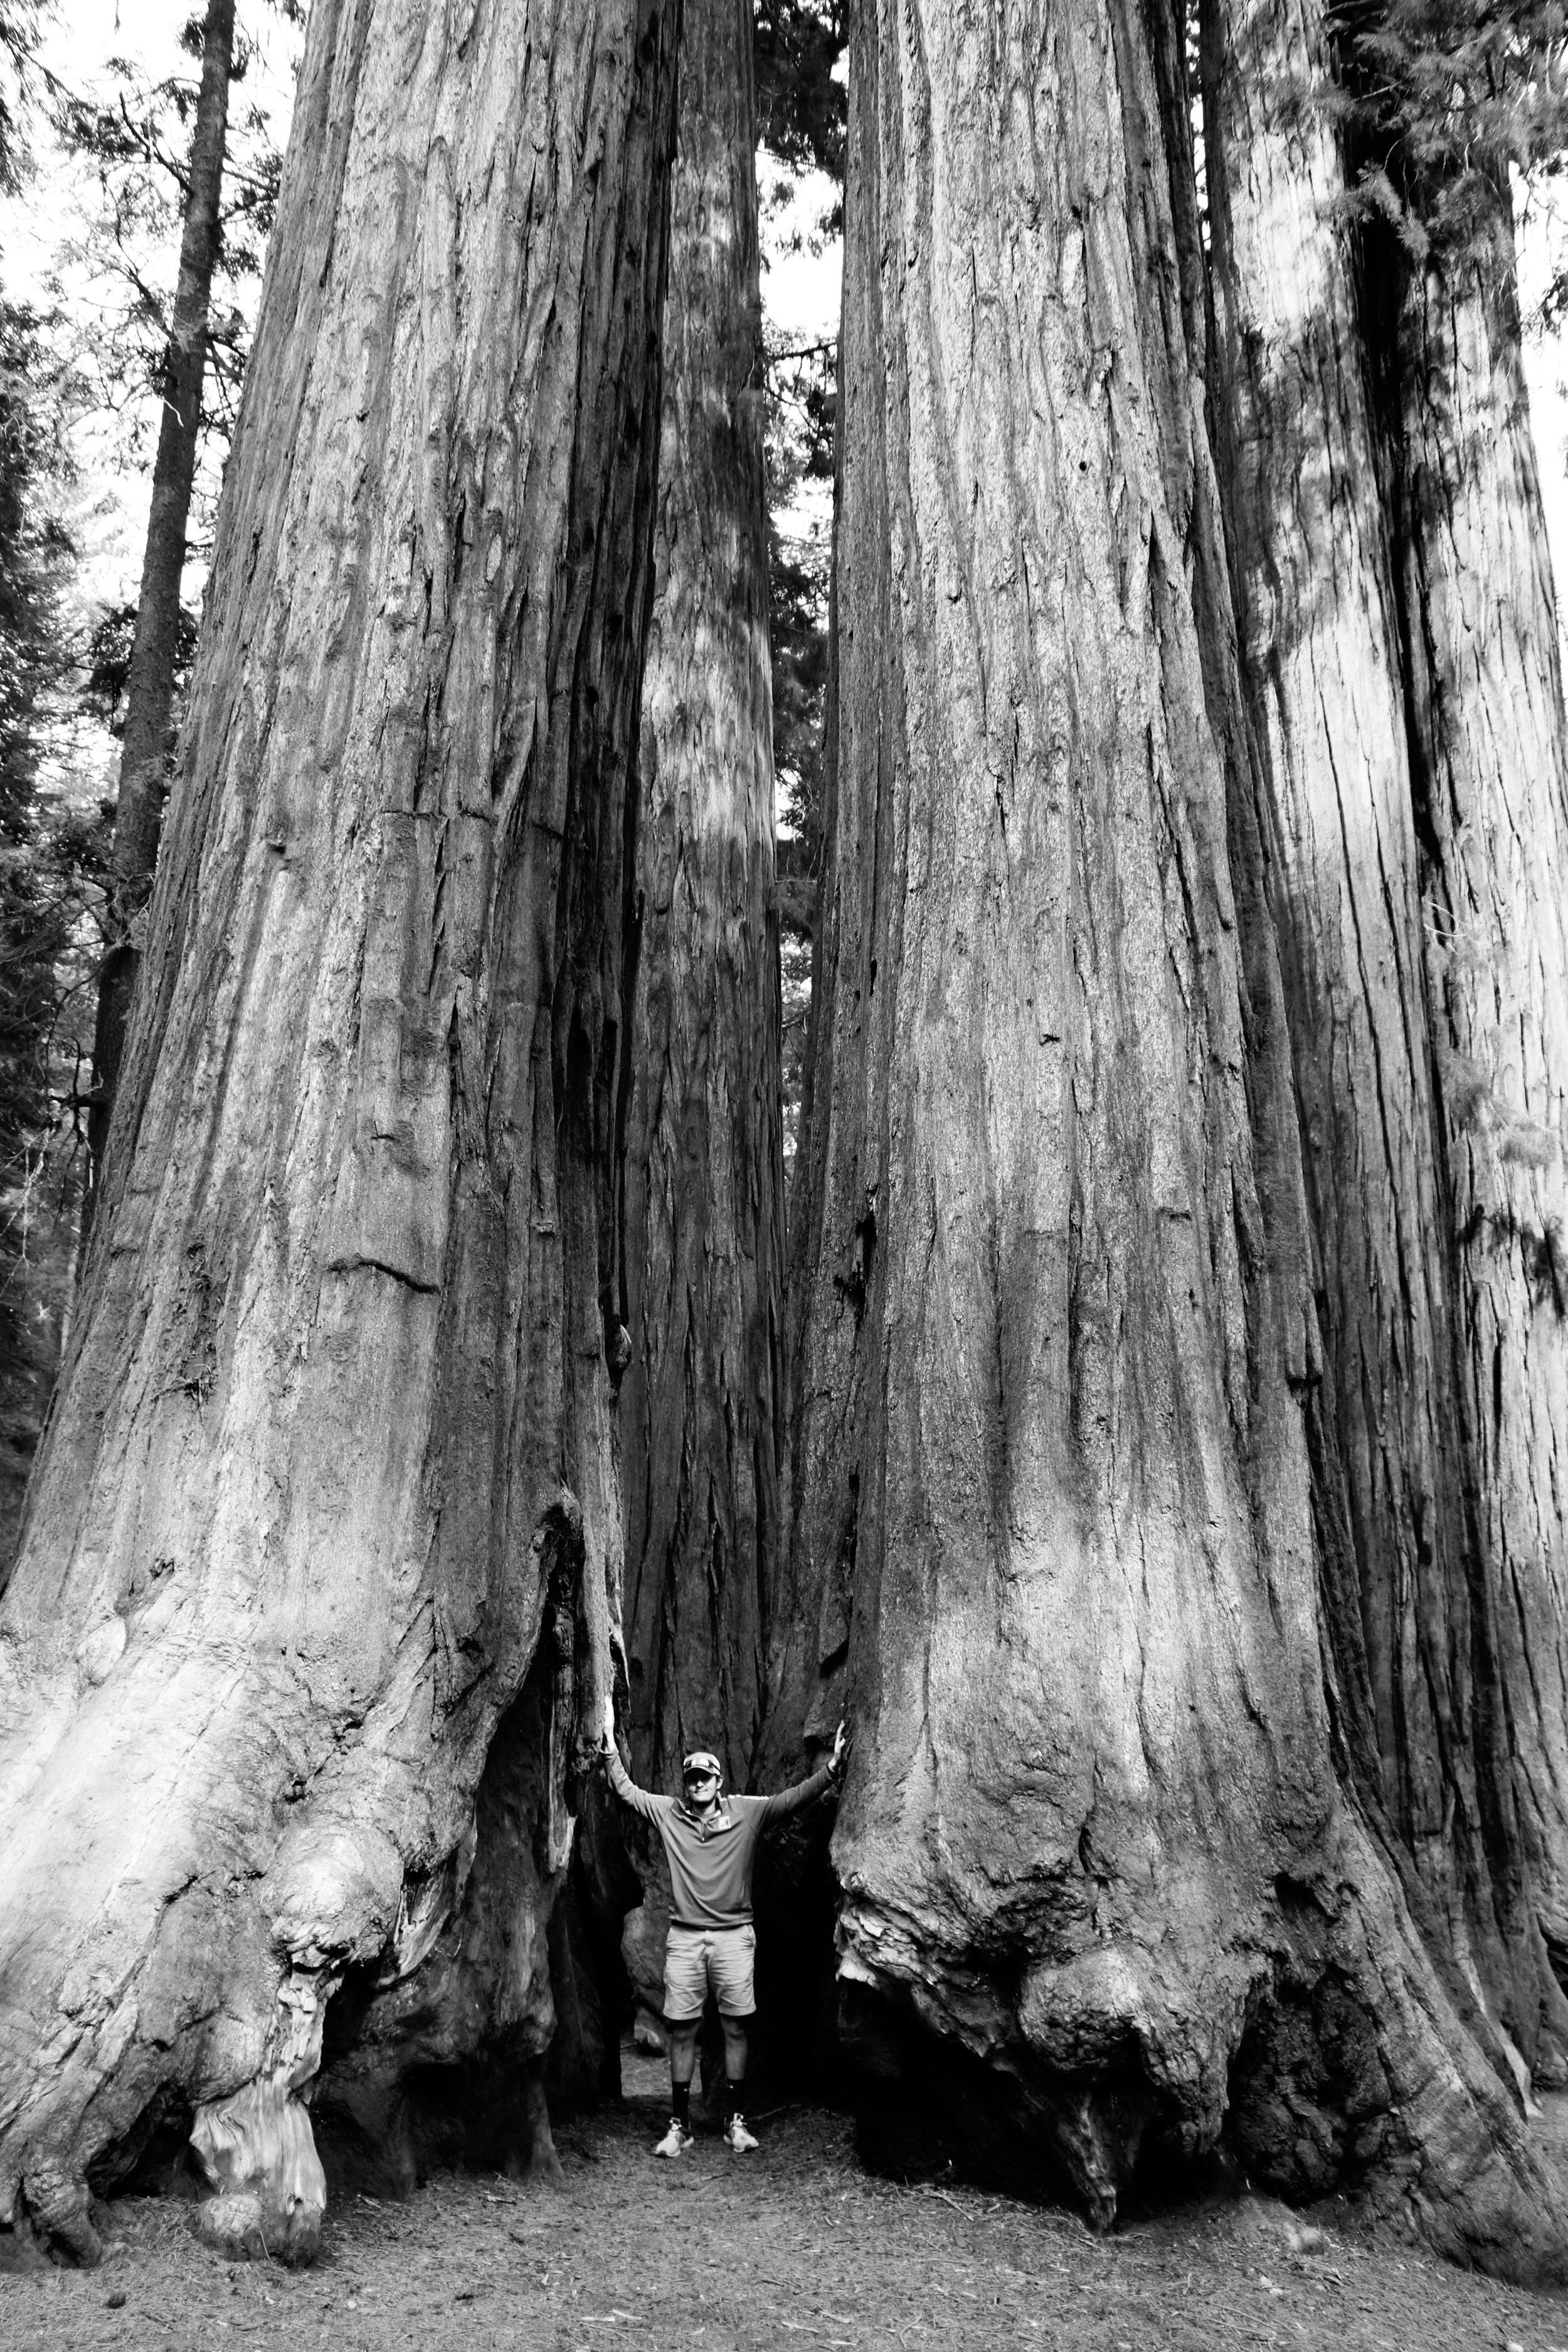 Among Giants - Sequoia